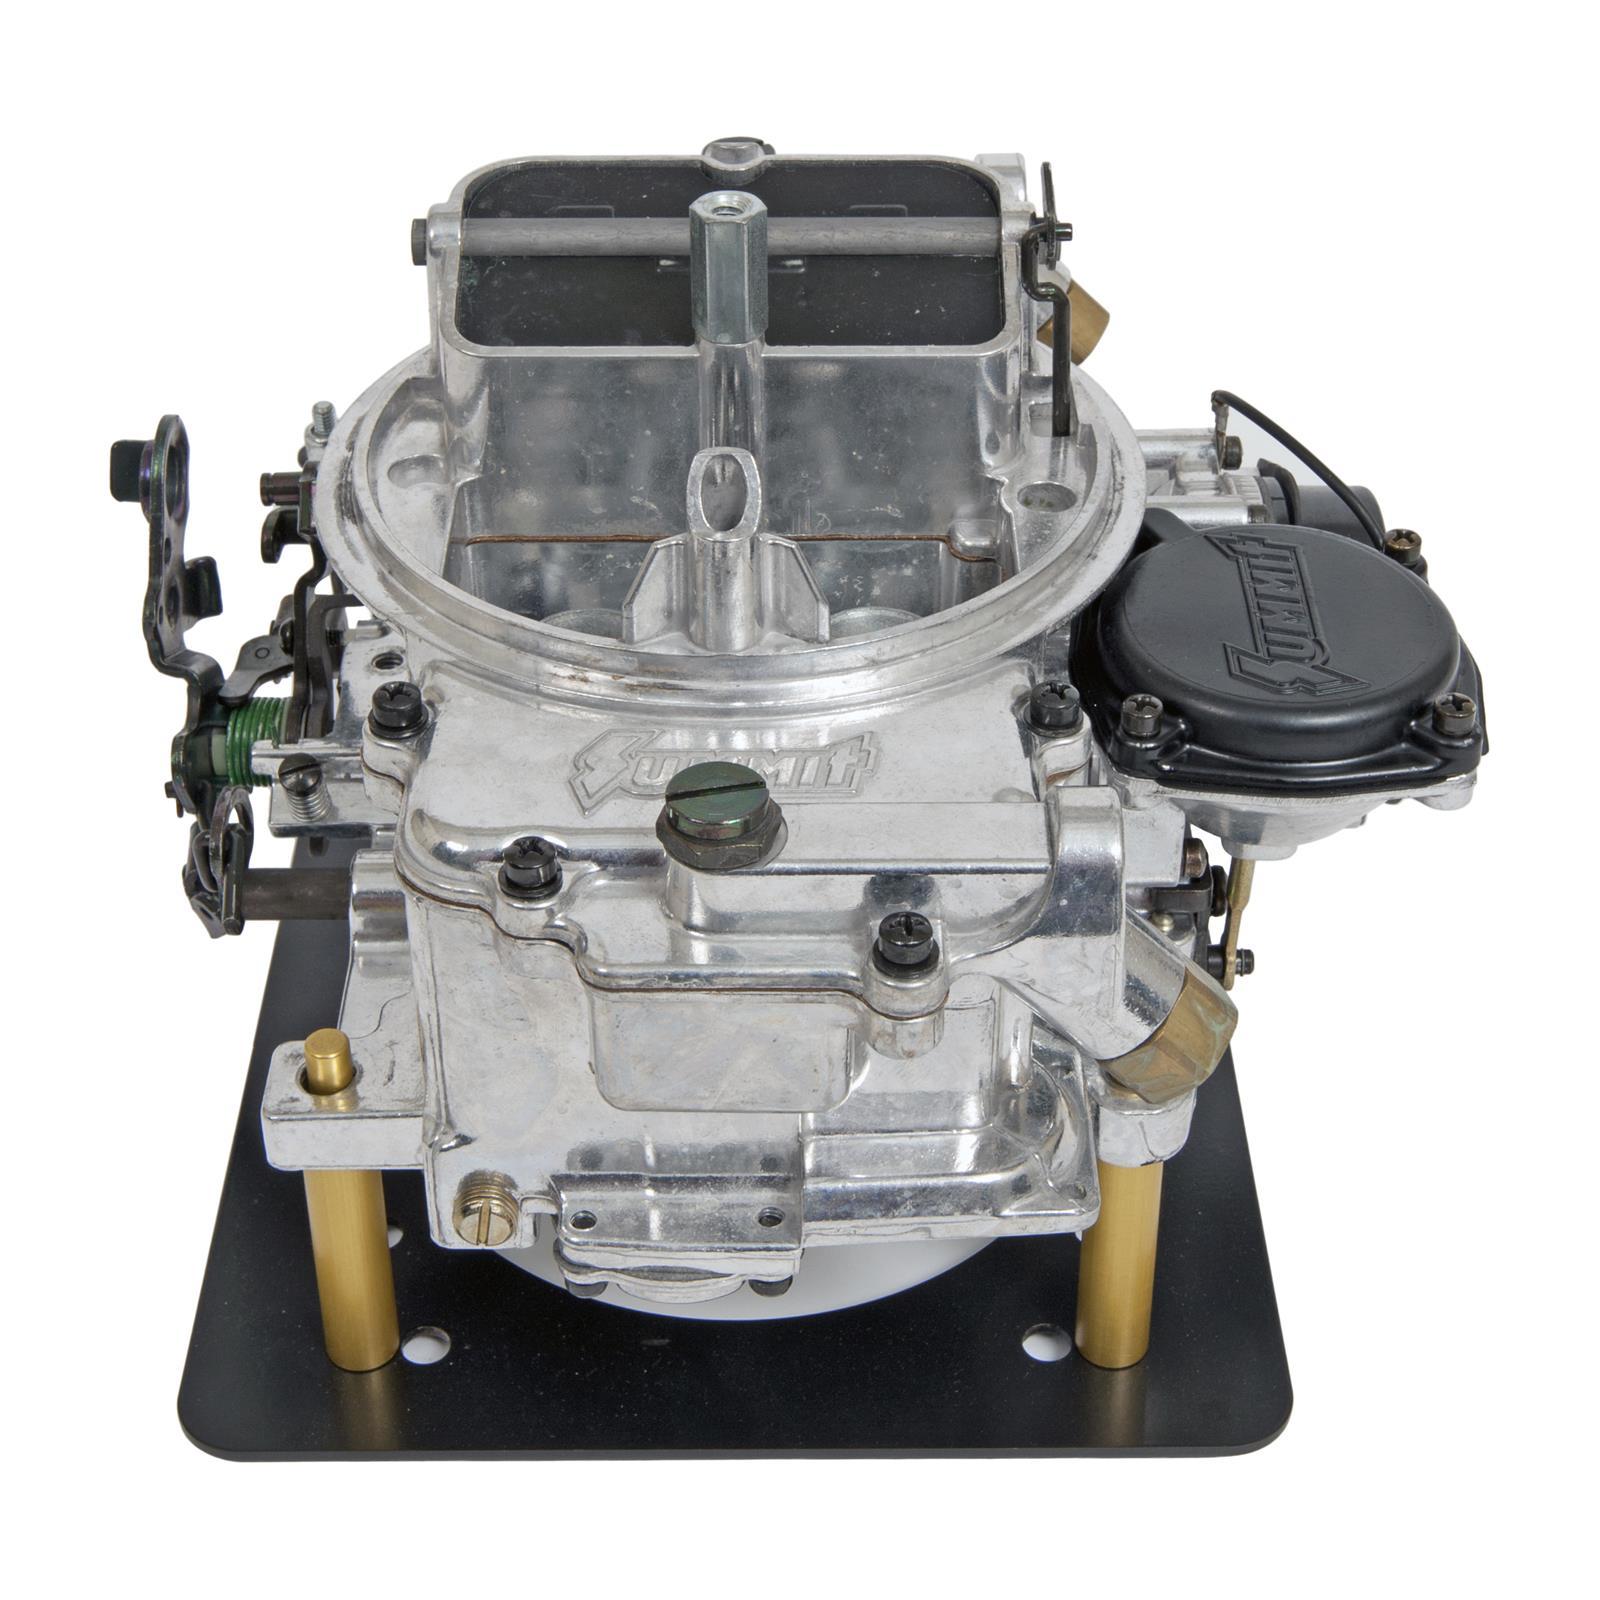 Summit Racing® Reconditioned M2008 Series Carburetors SUM-RM08500VS